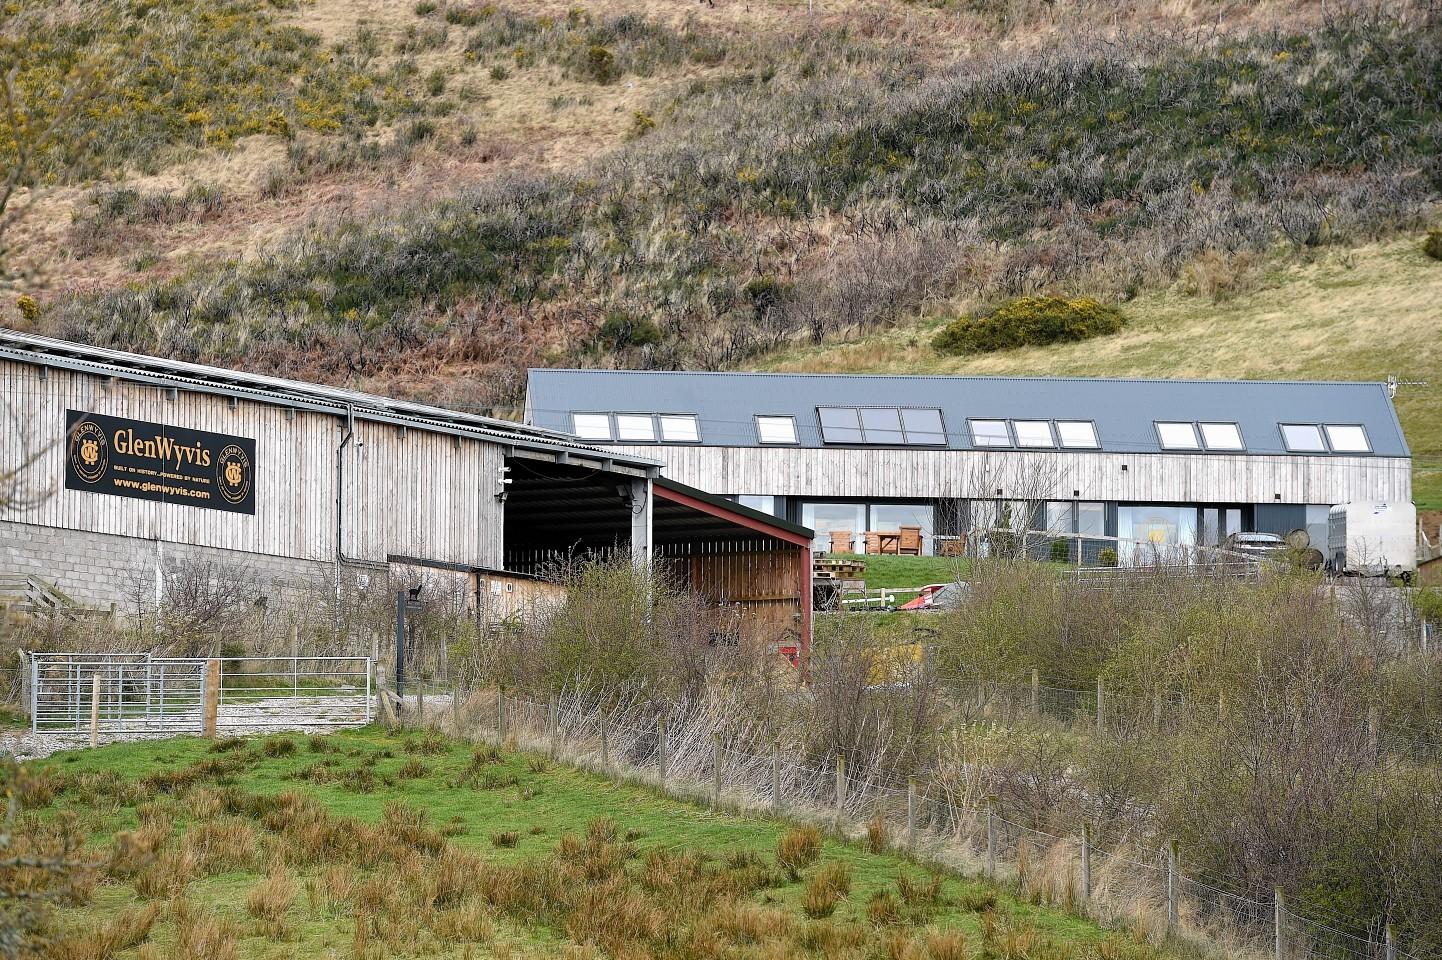 The Glen Wyvis Distillery